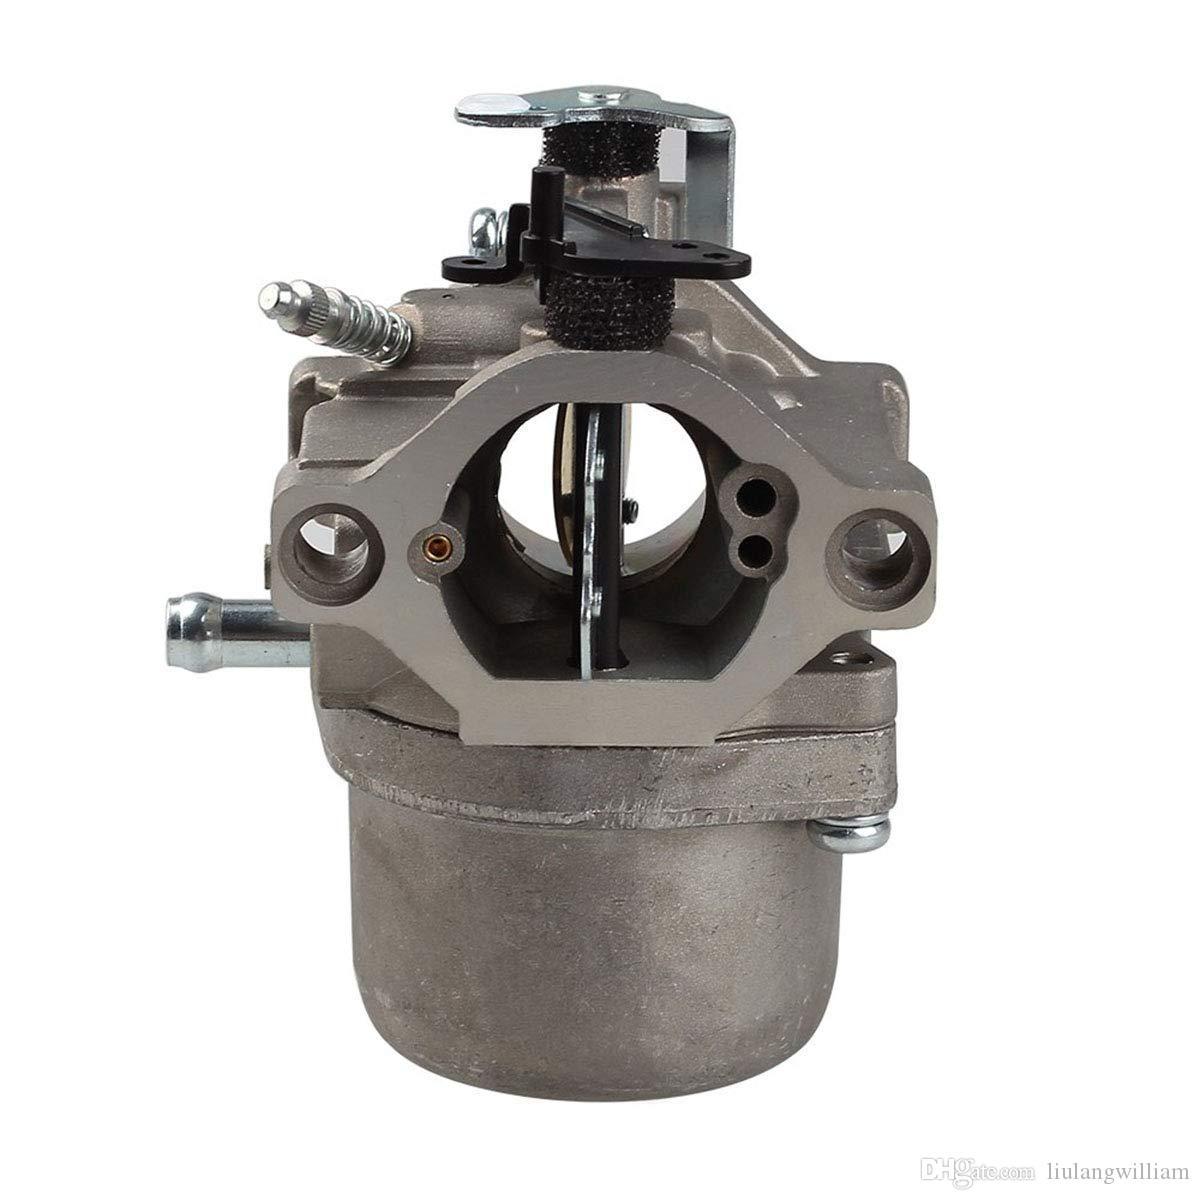 Neu Vergaserdichtsatz Ersetzt Teile Für Briggs /& Stratton 28T707 28V707 28M706